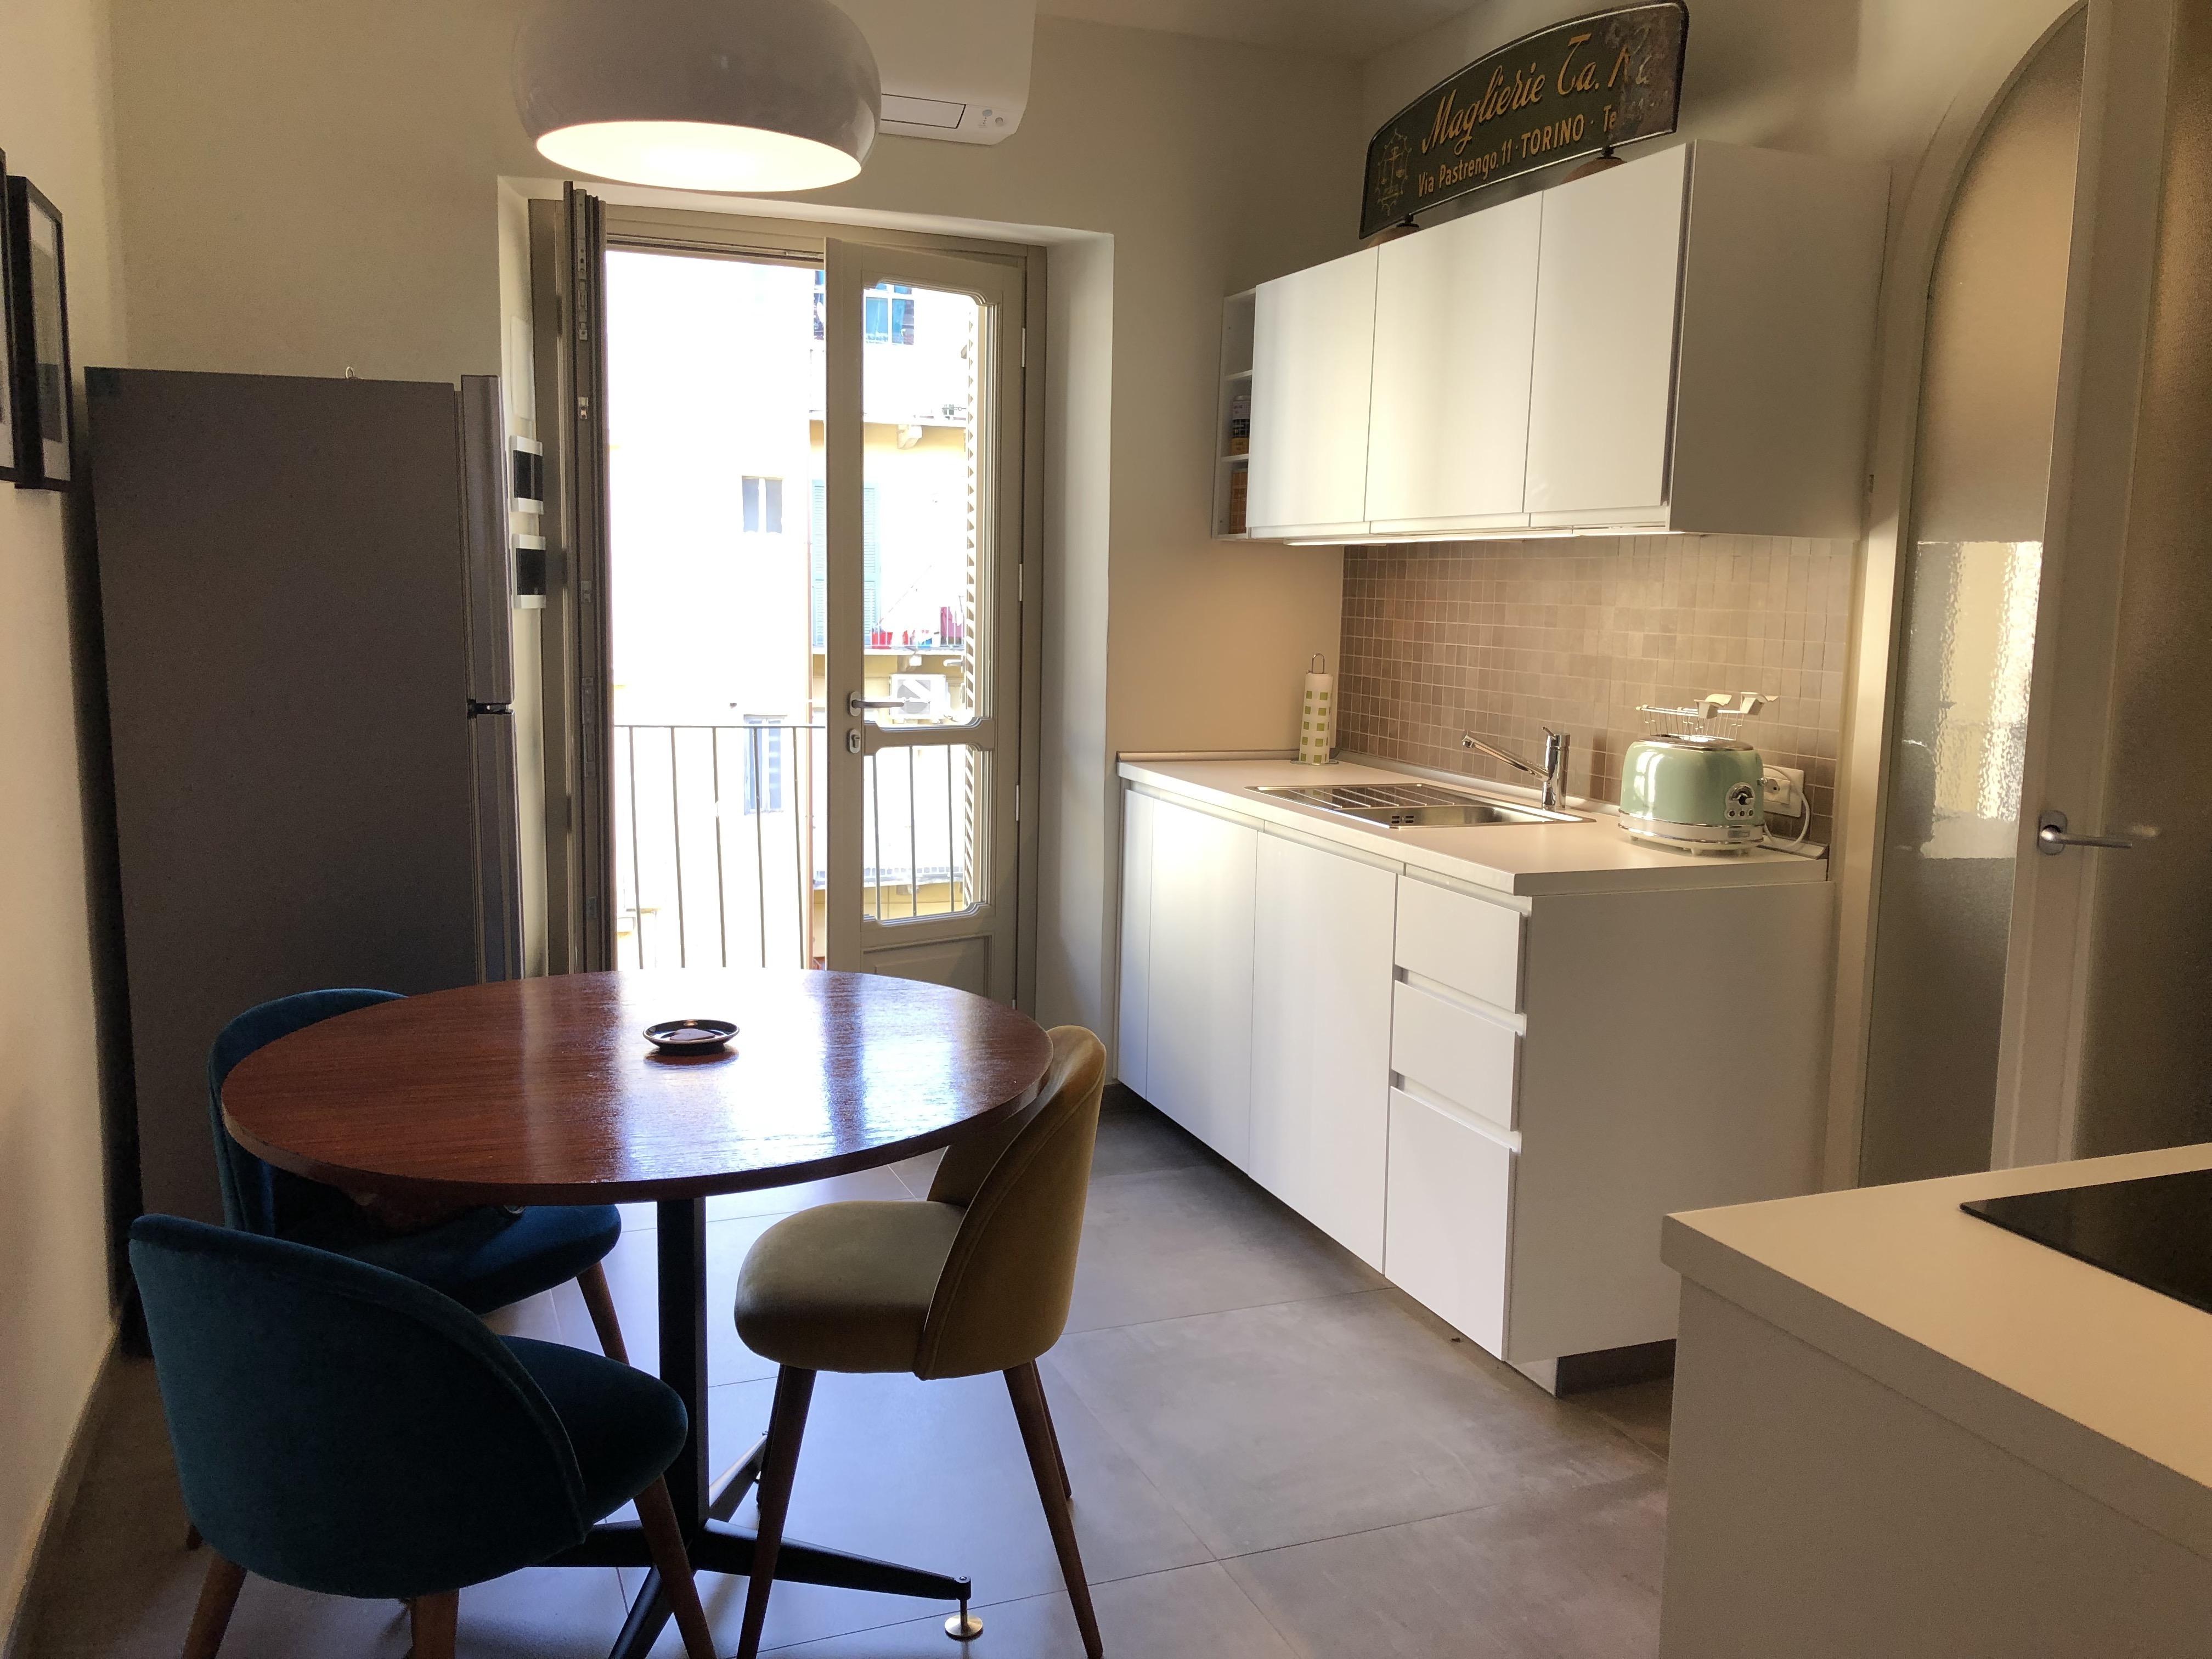 In affitto appartamento arredato e ristrutturato crocetta for Affitto torino arredato